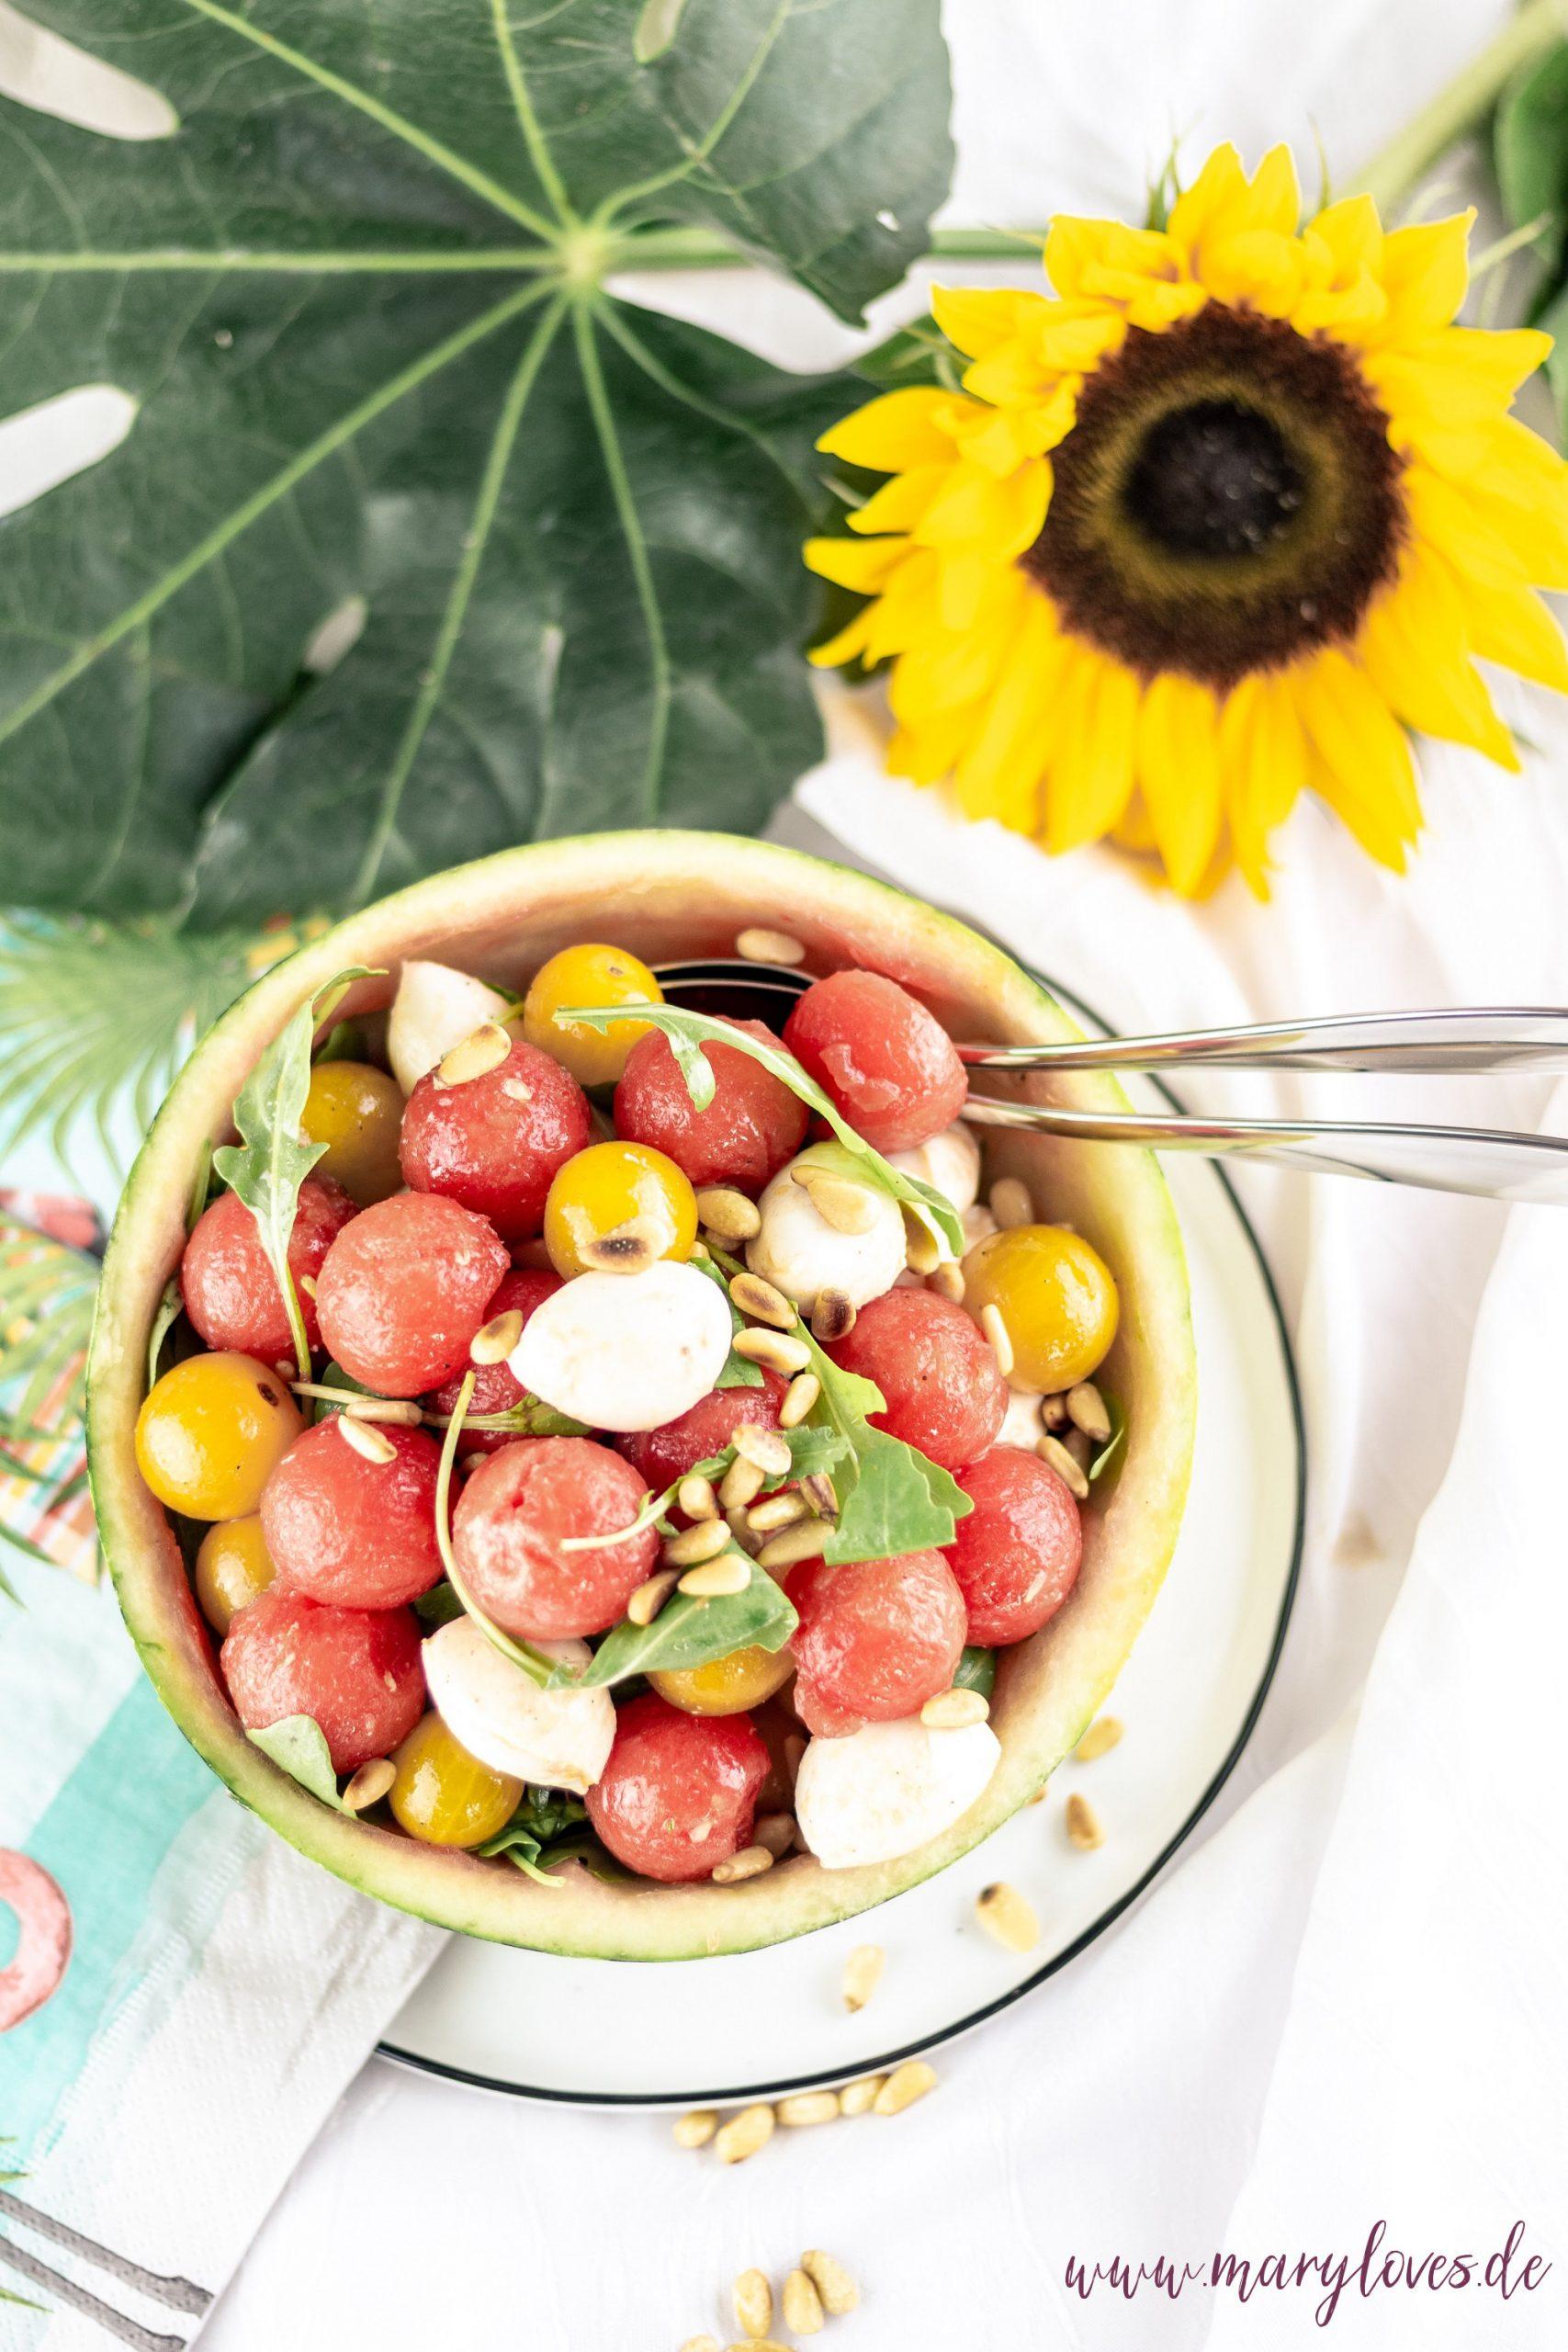 Wassermelonensalat mit Tomaten, Mozzarella und Rucola